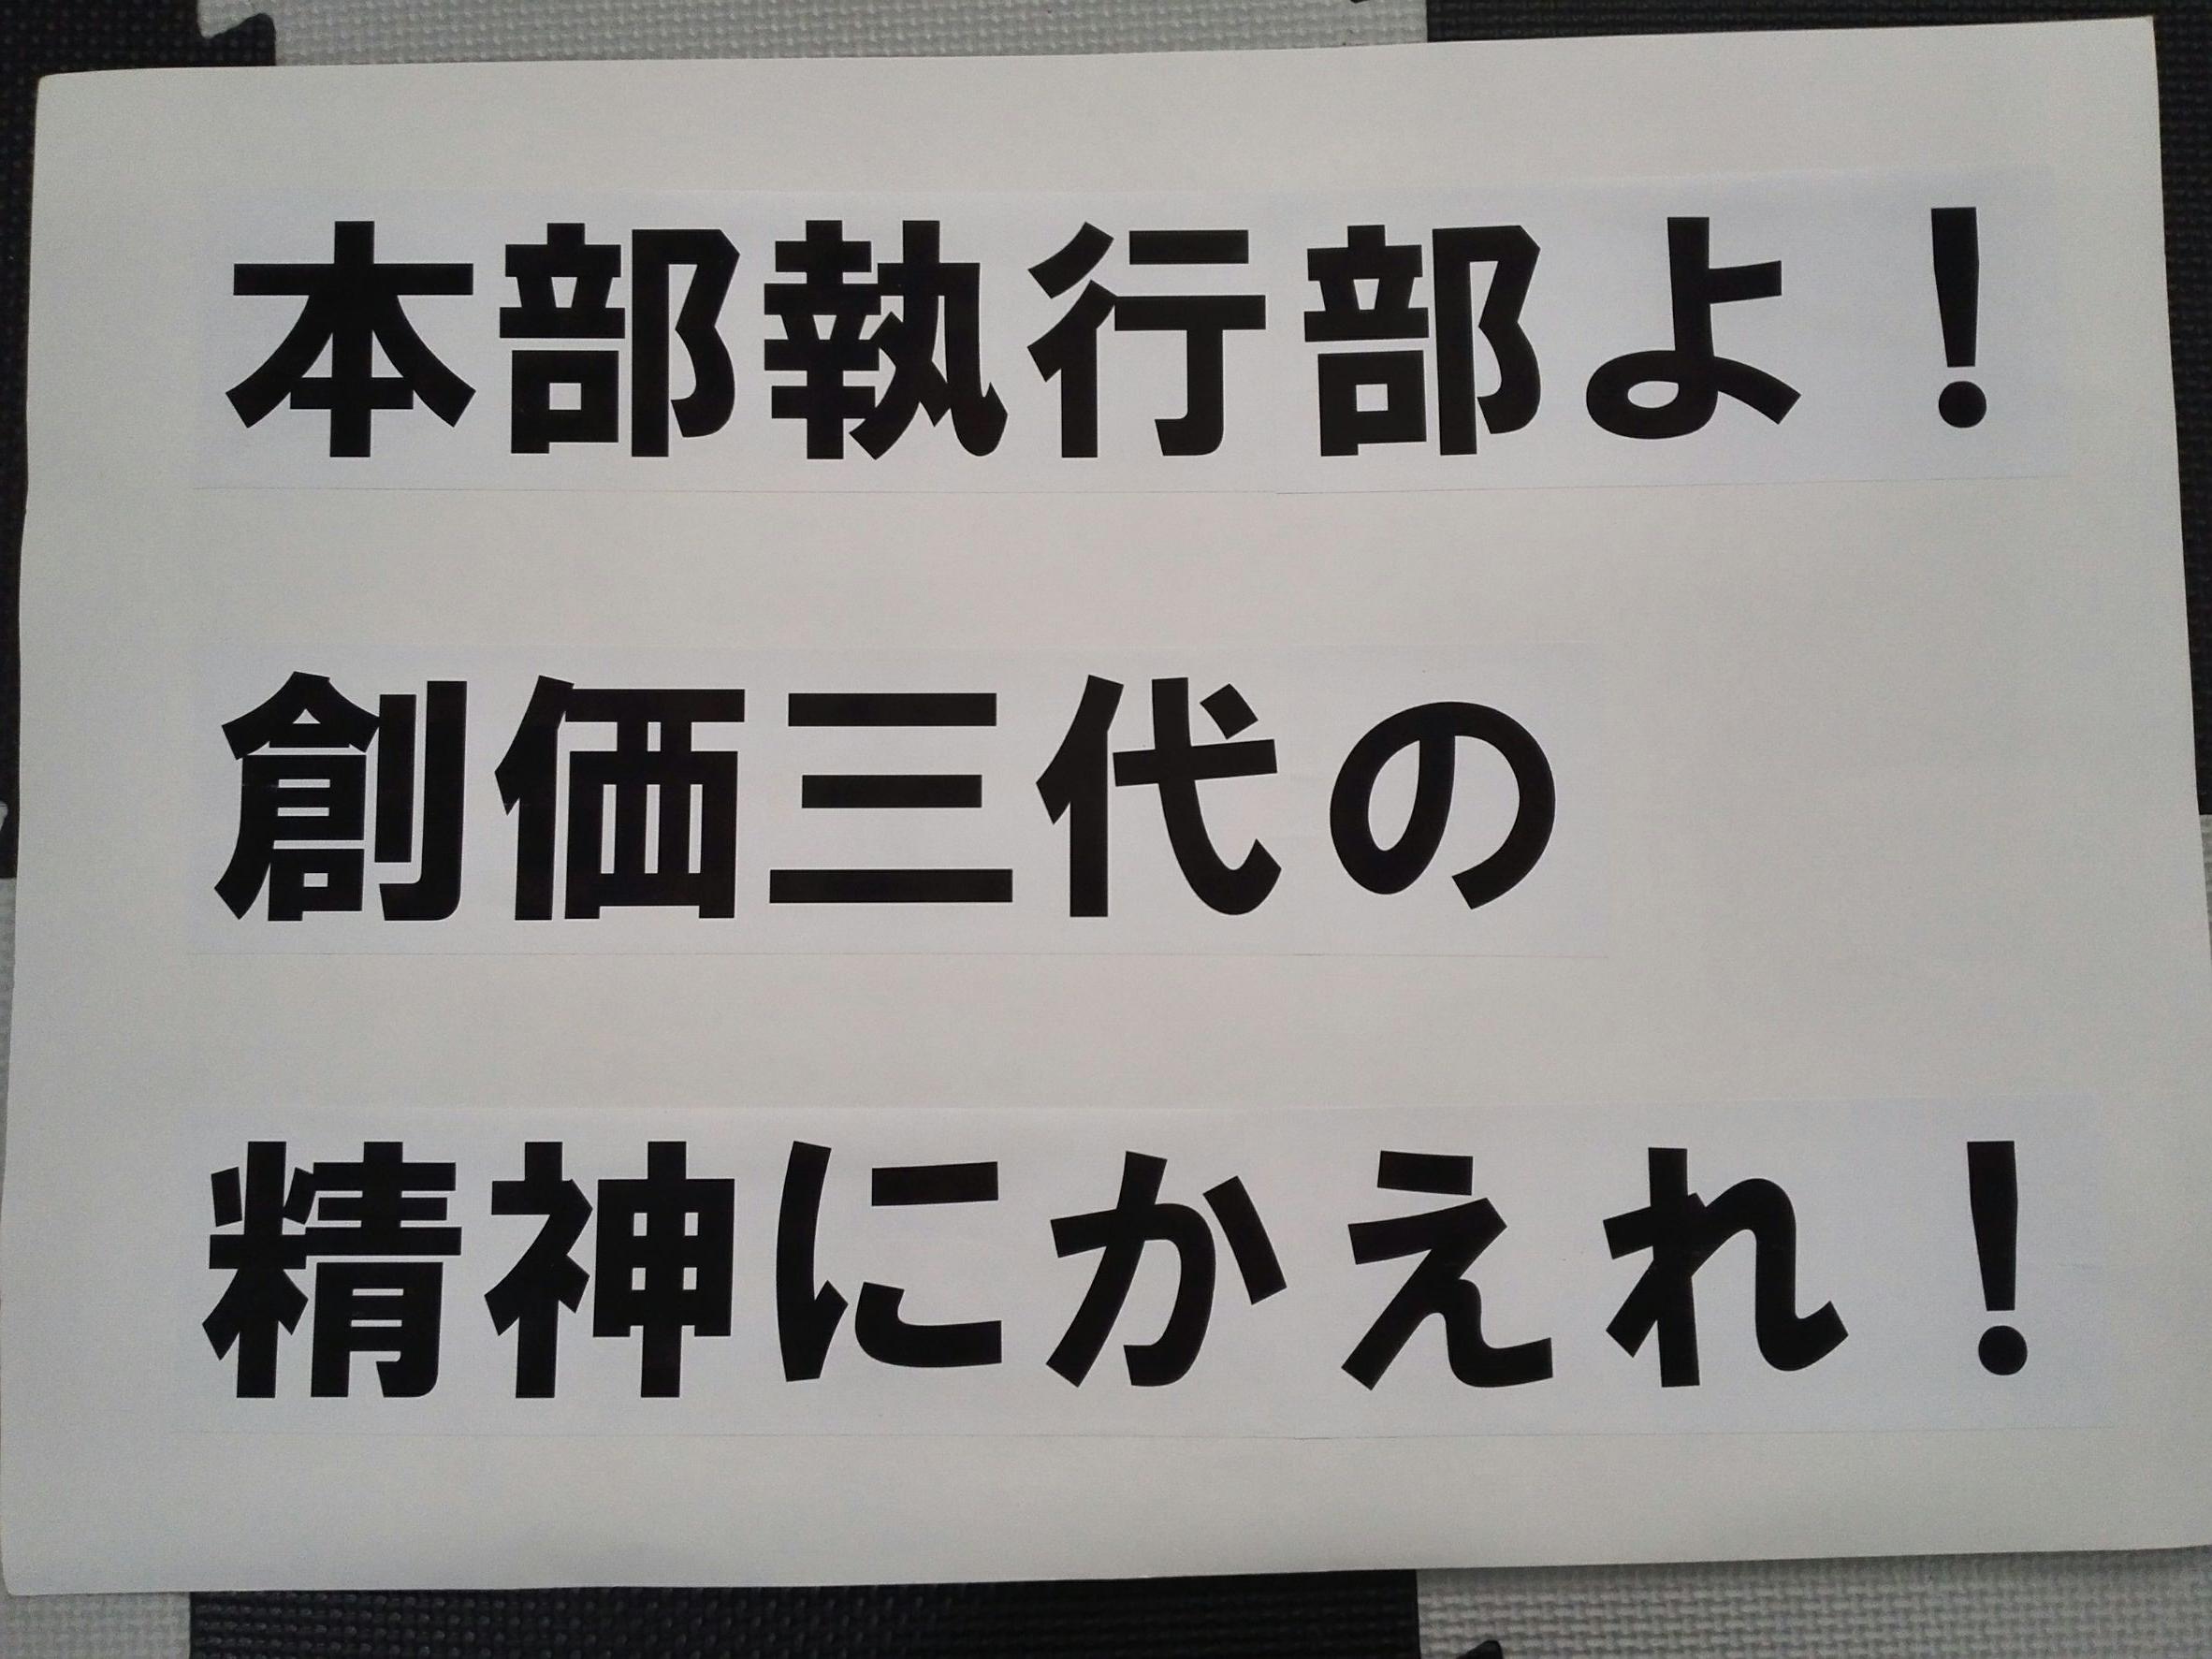 滝川光子さん 2●